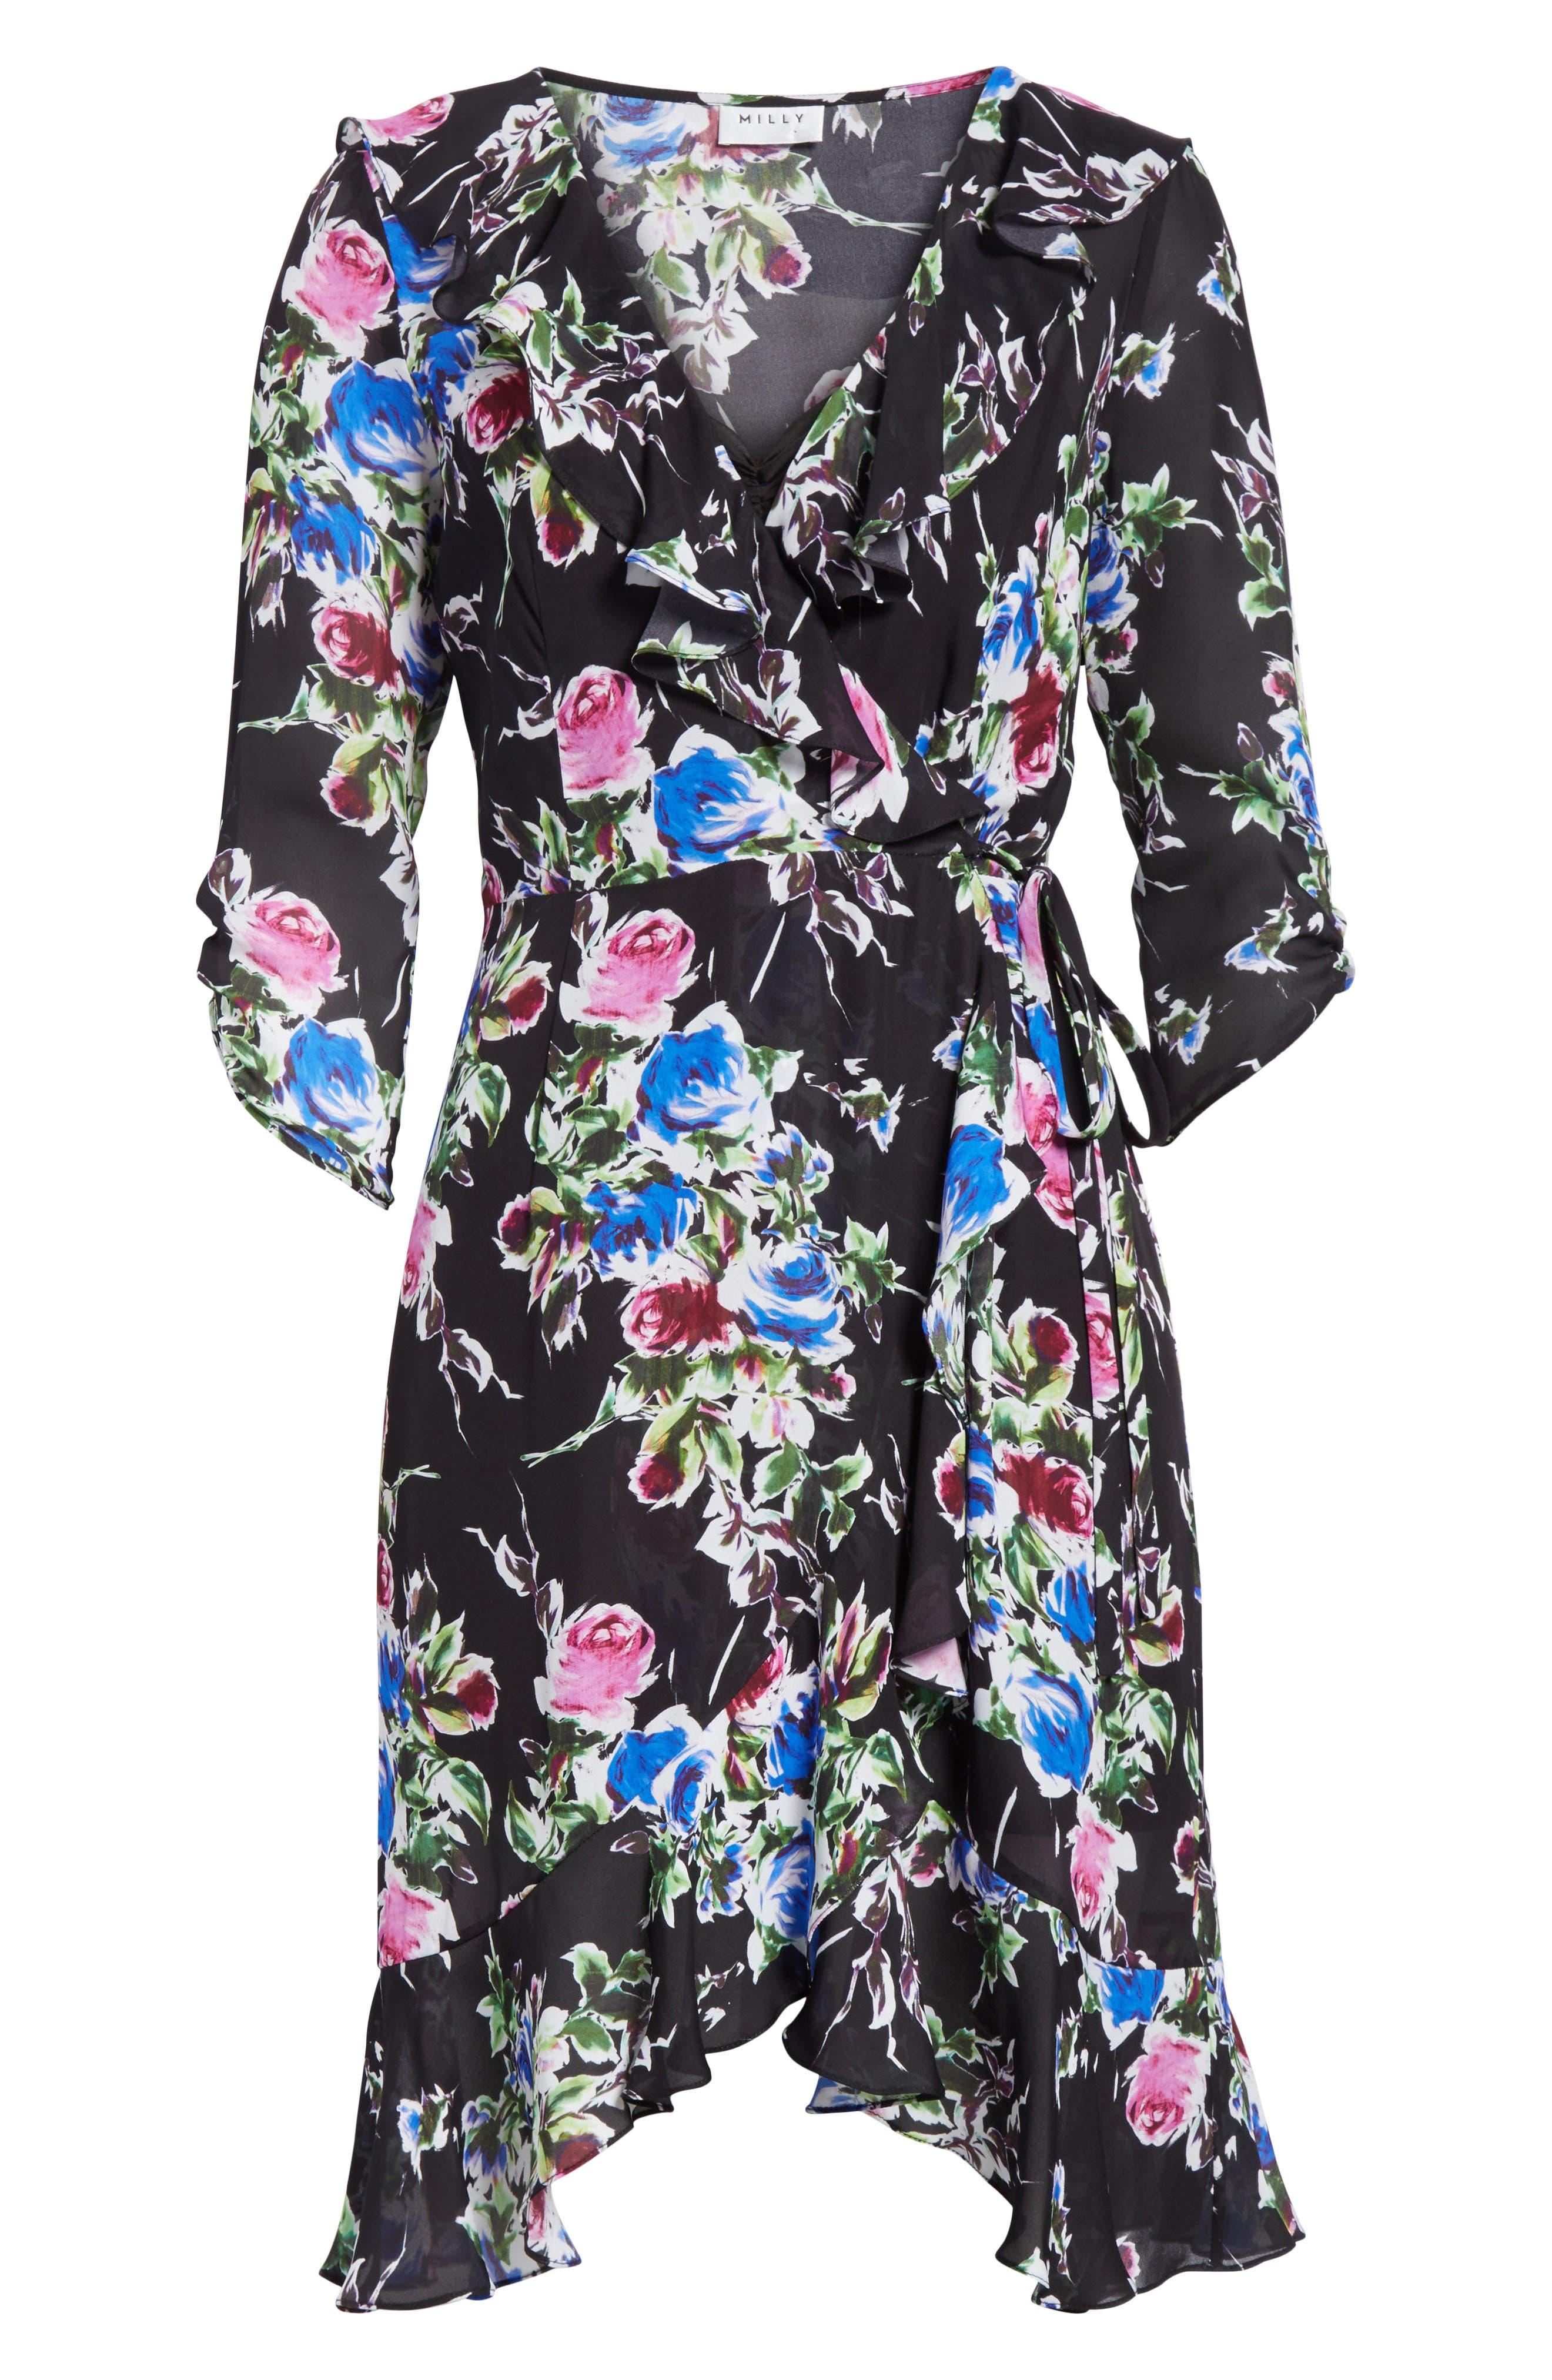 Audrey Floral Silk Wrap Dress,                             Alternate thumbnail 6, color,                             001